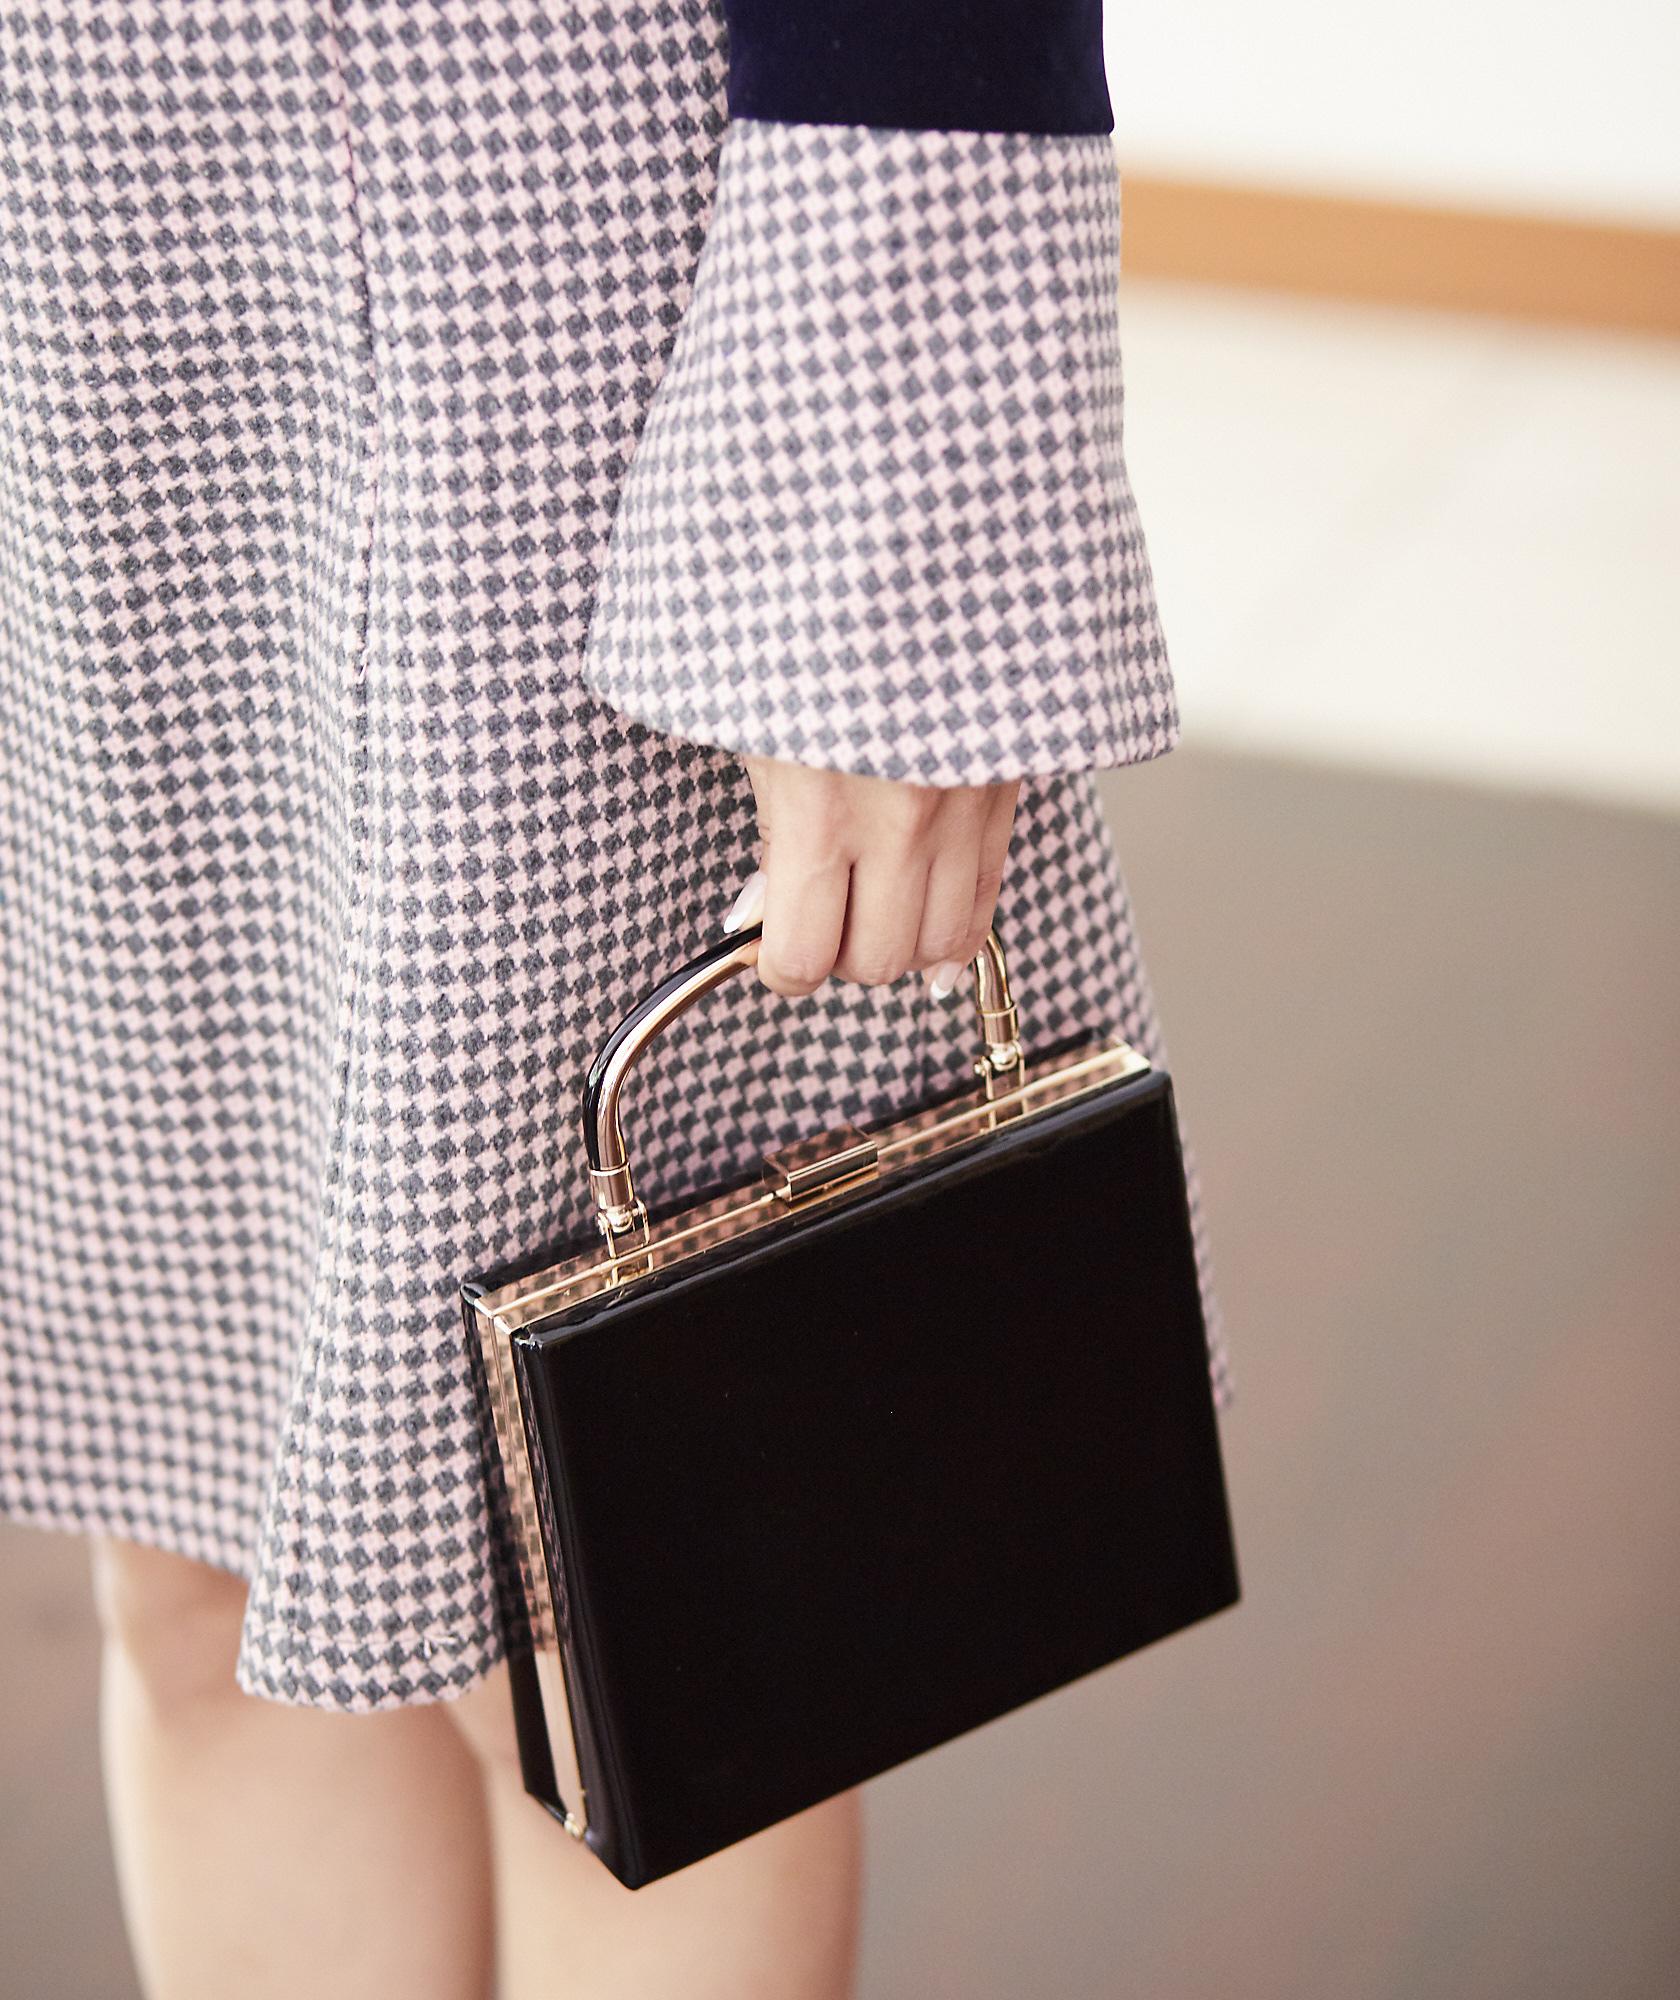 Gloss Black Handbag